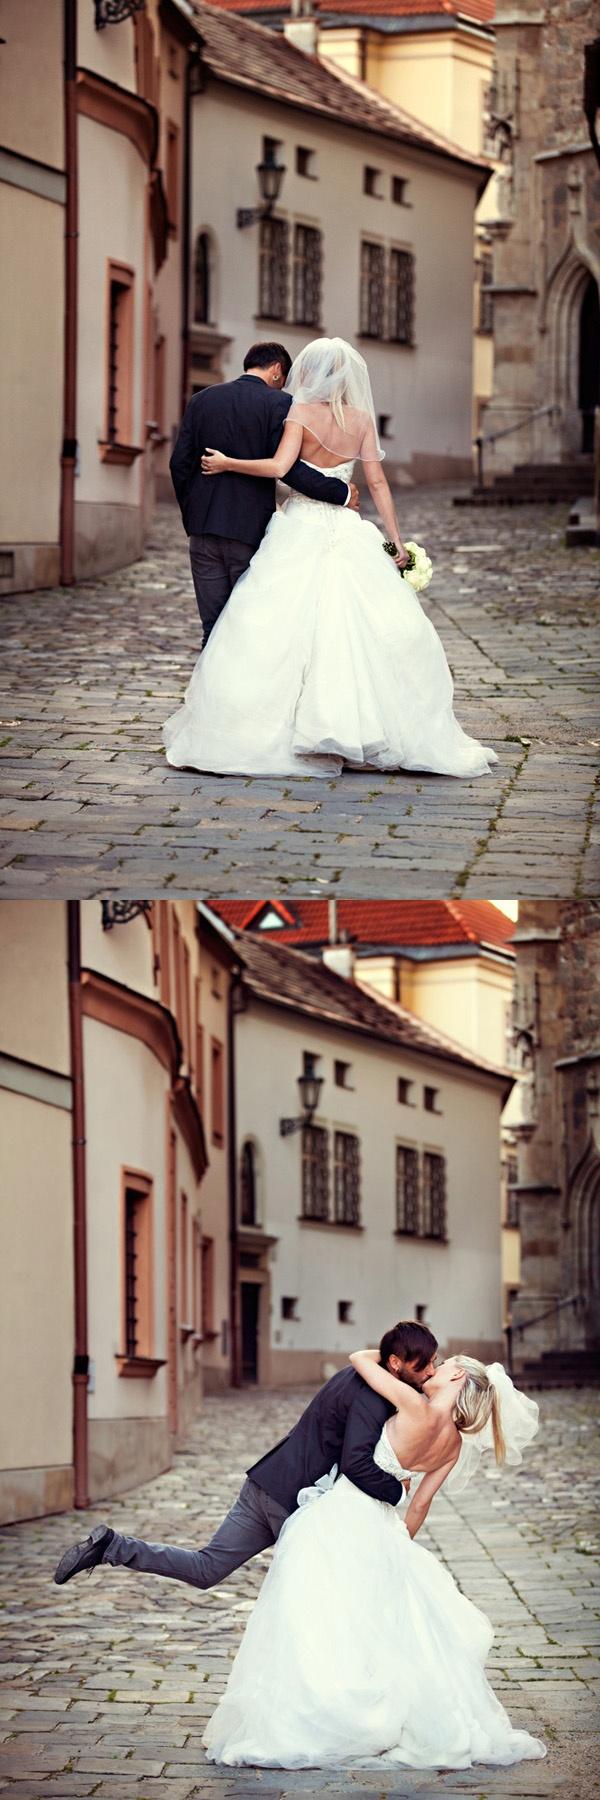 beautiful wedding couple walking in old town #prague #travel #wedding